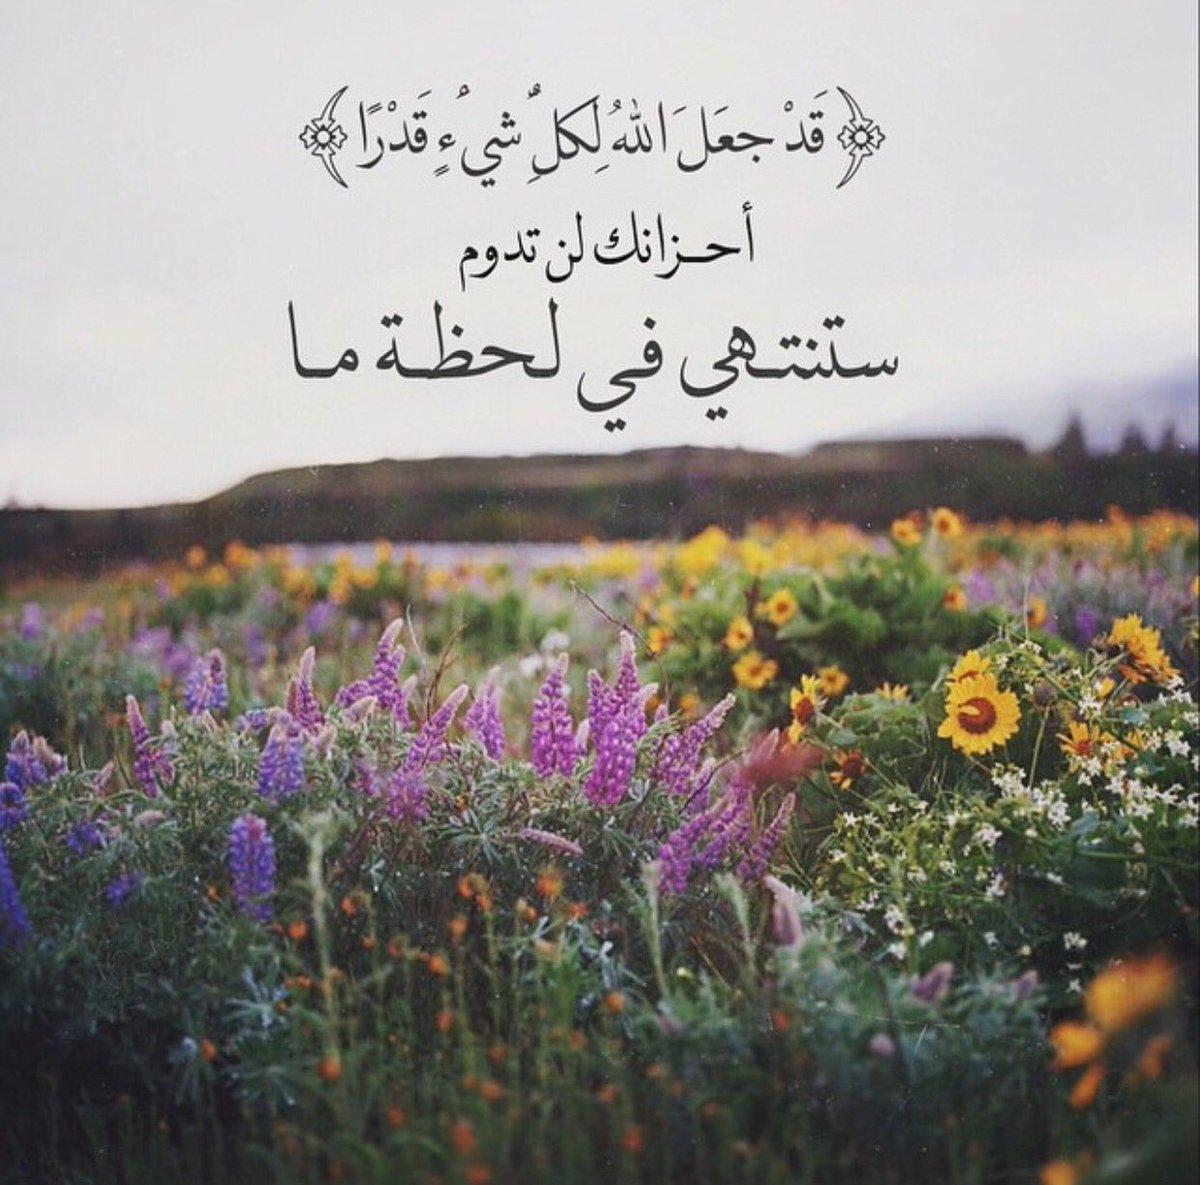 بالصور رمزيات اسلاميه , اجمل الصور والخلفيات الاسلامية 3050 5